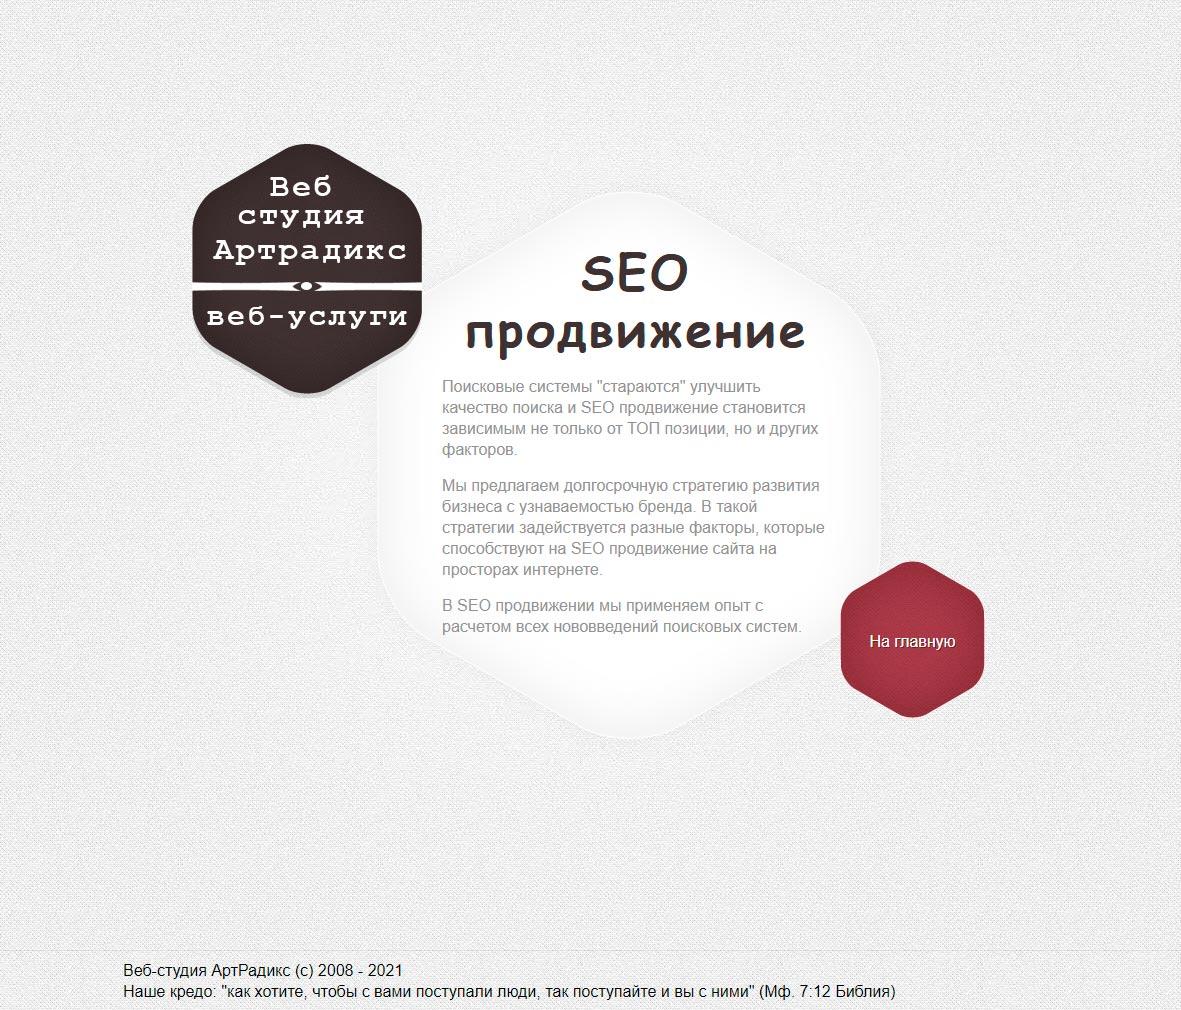 АртРадикс - обзор компании, услуги, отзывы, клиенты, Фото № 2 - google-seo.pro